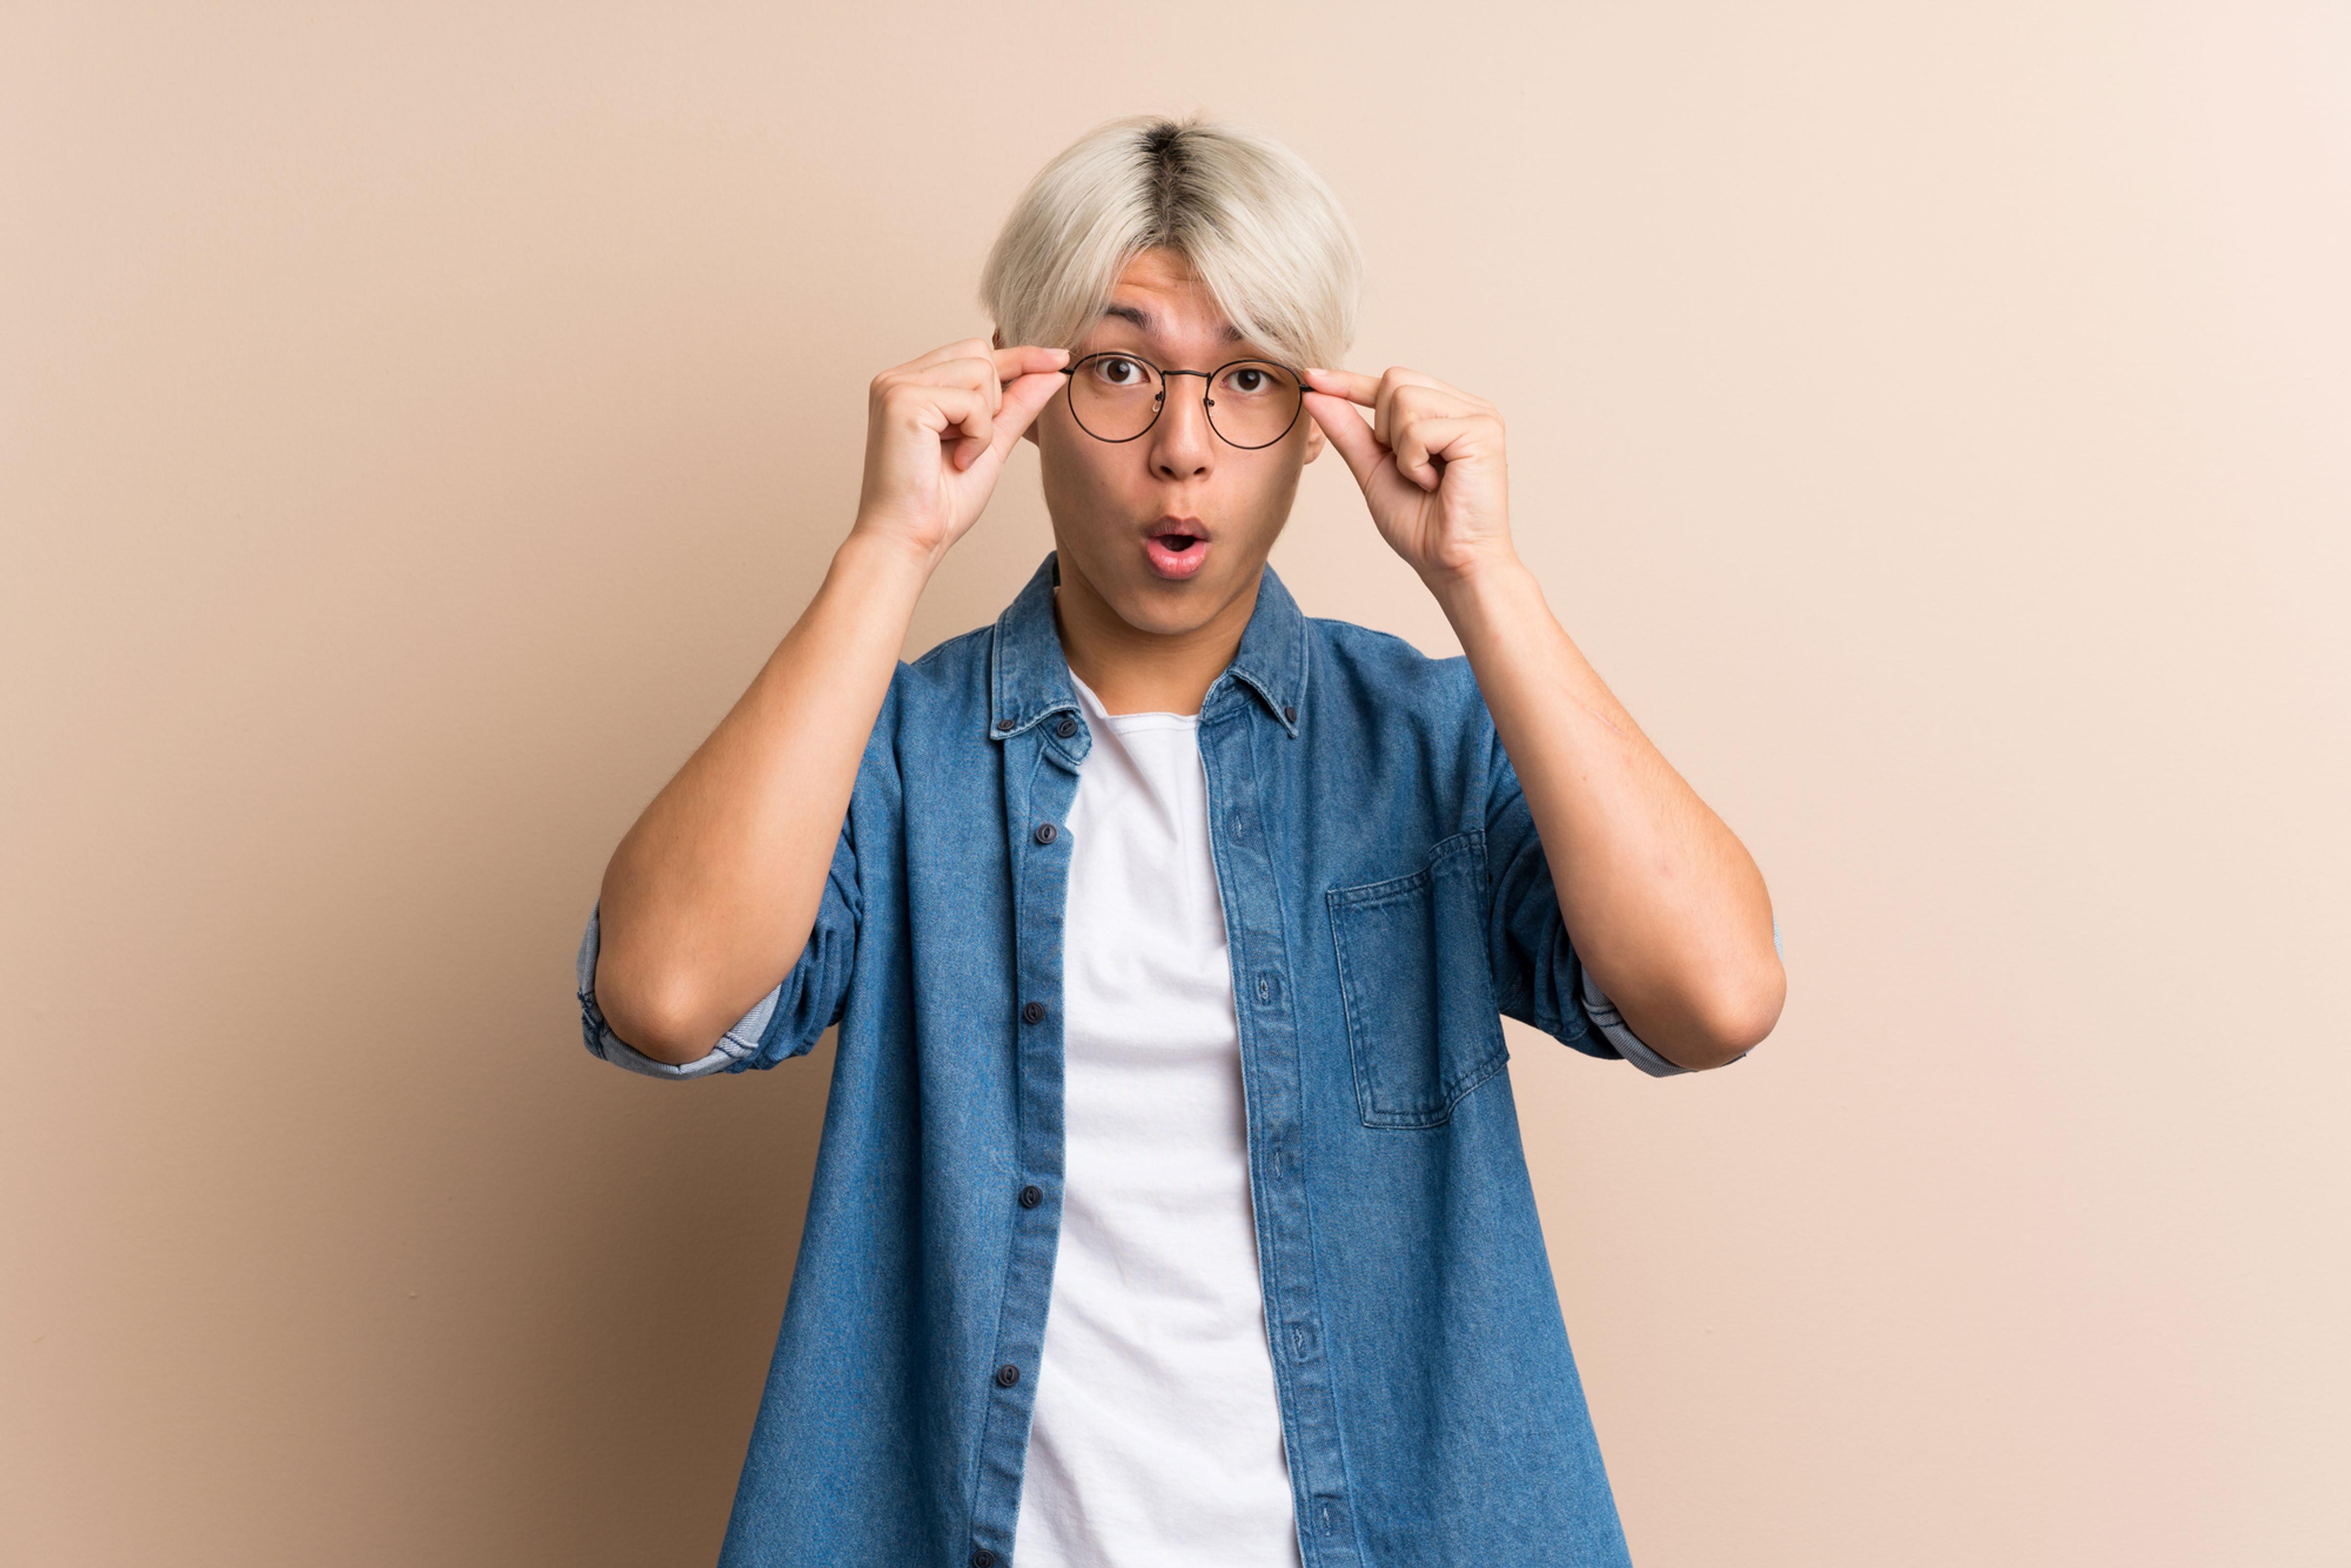 Achat d'une nouvelle paire de lunettes